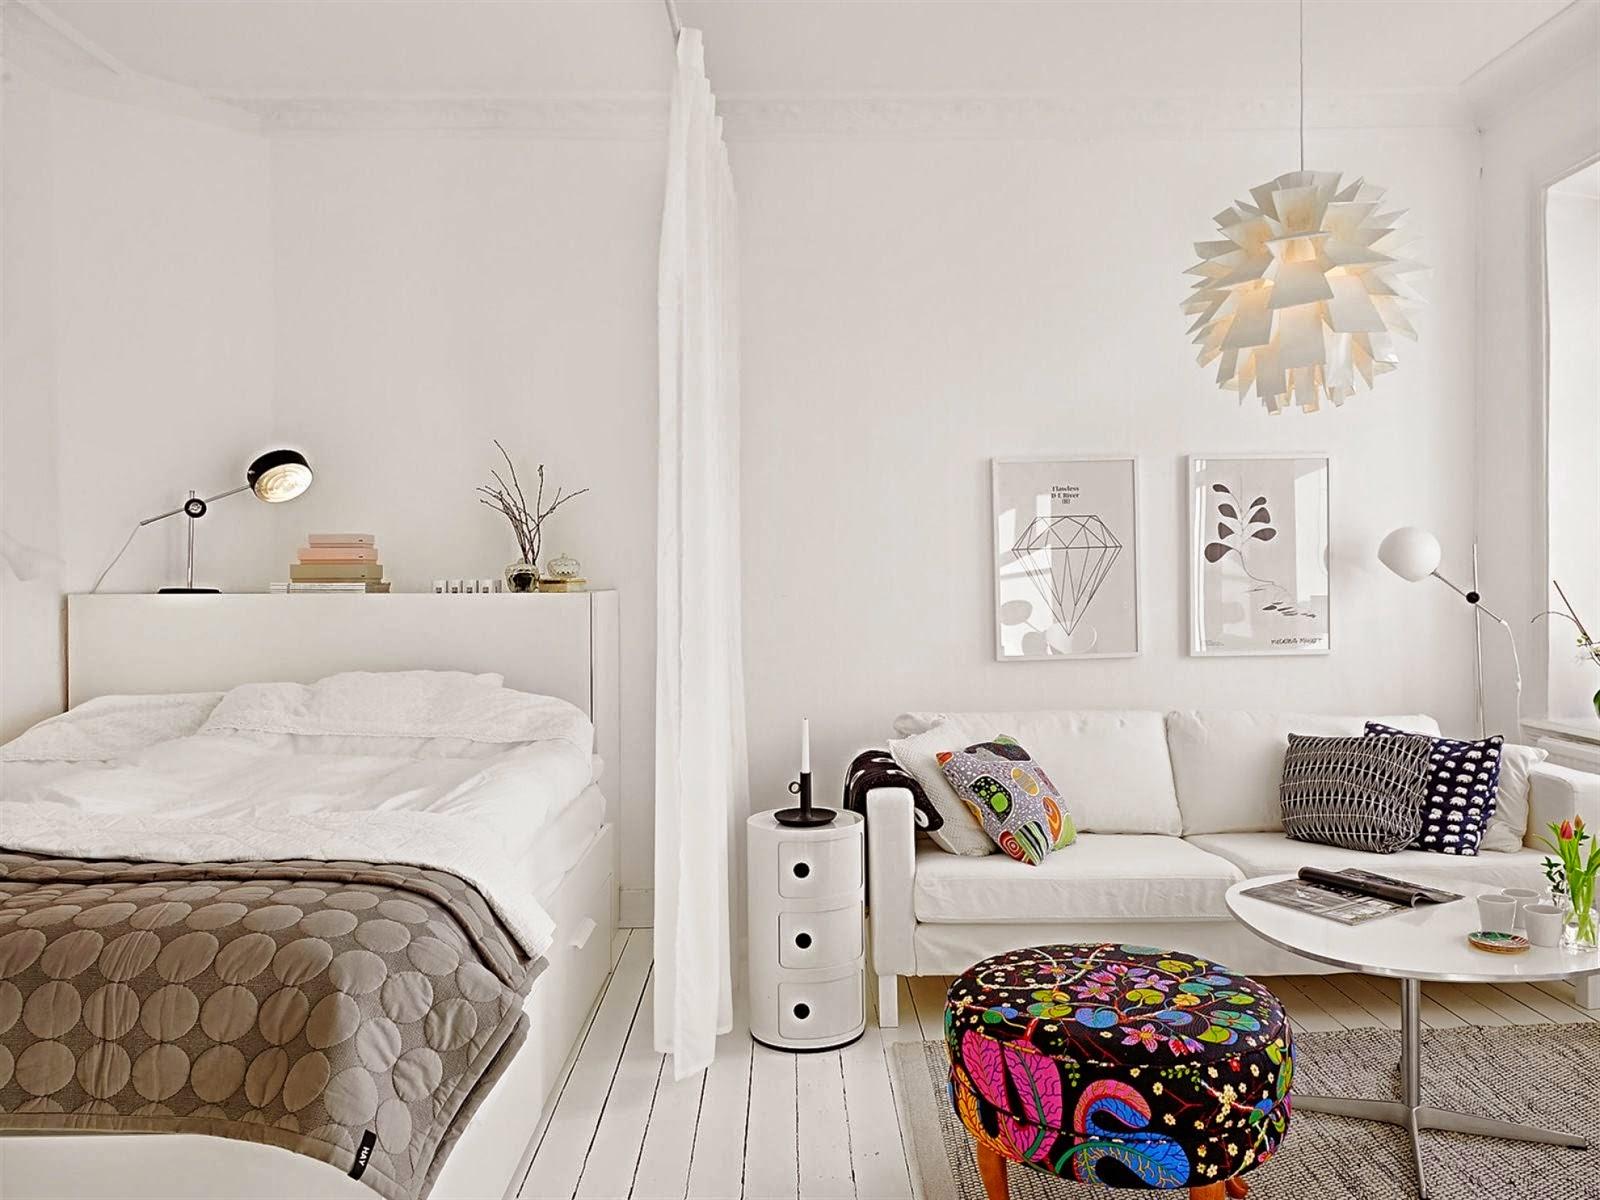 decoraci n f cil small low cost apartamentos peque os el dormitorio en el sal n. Black Bedroom Furniture Sets. Home Design Ideas